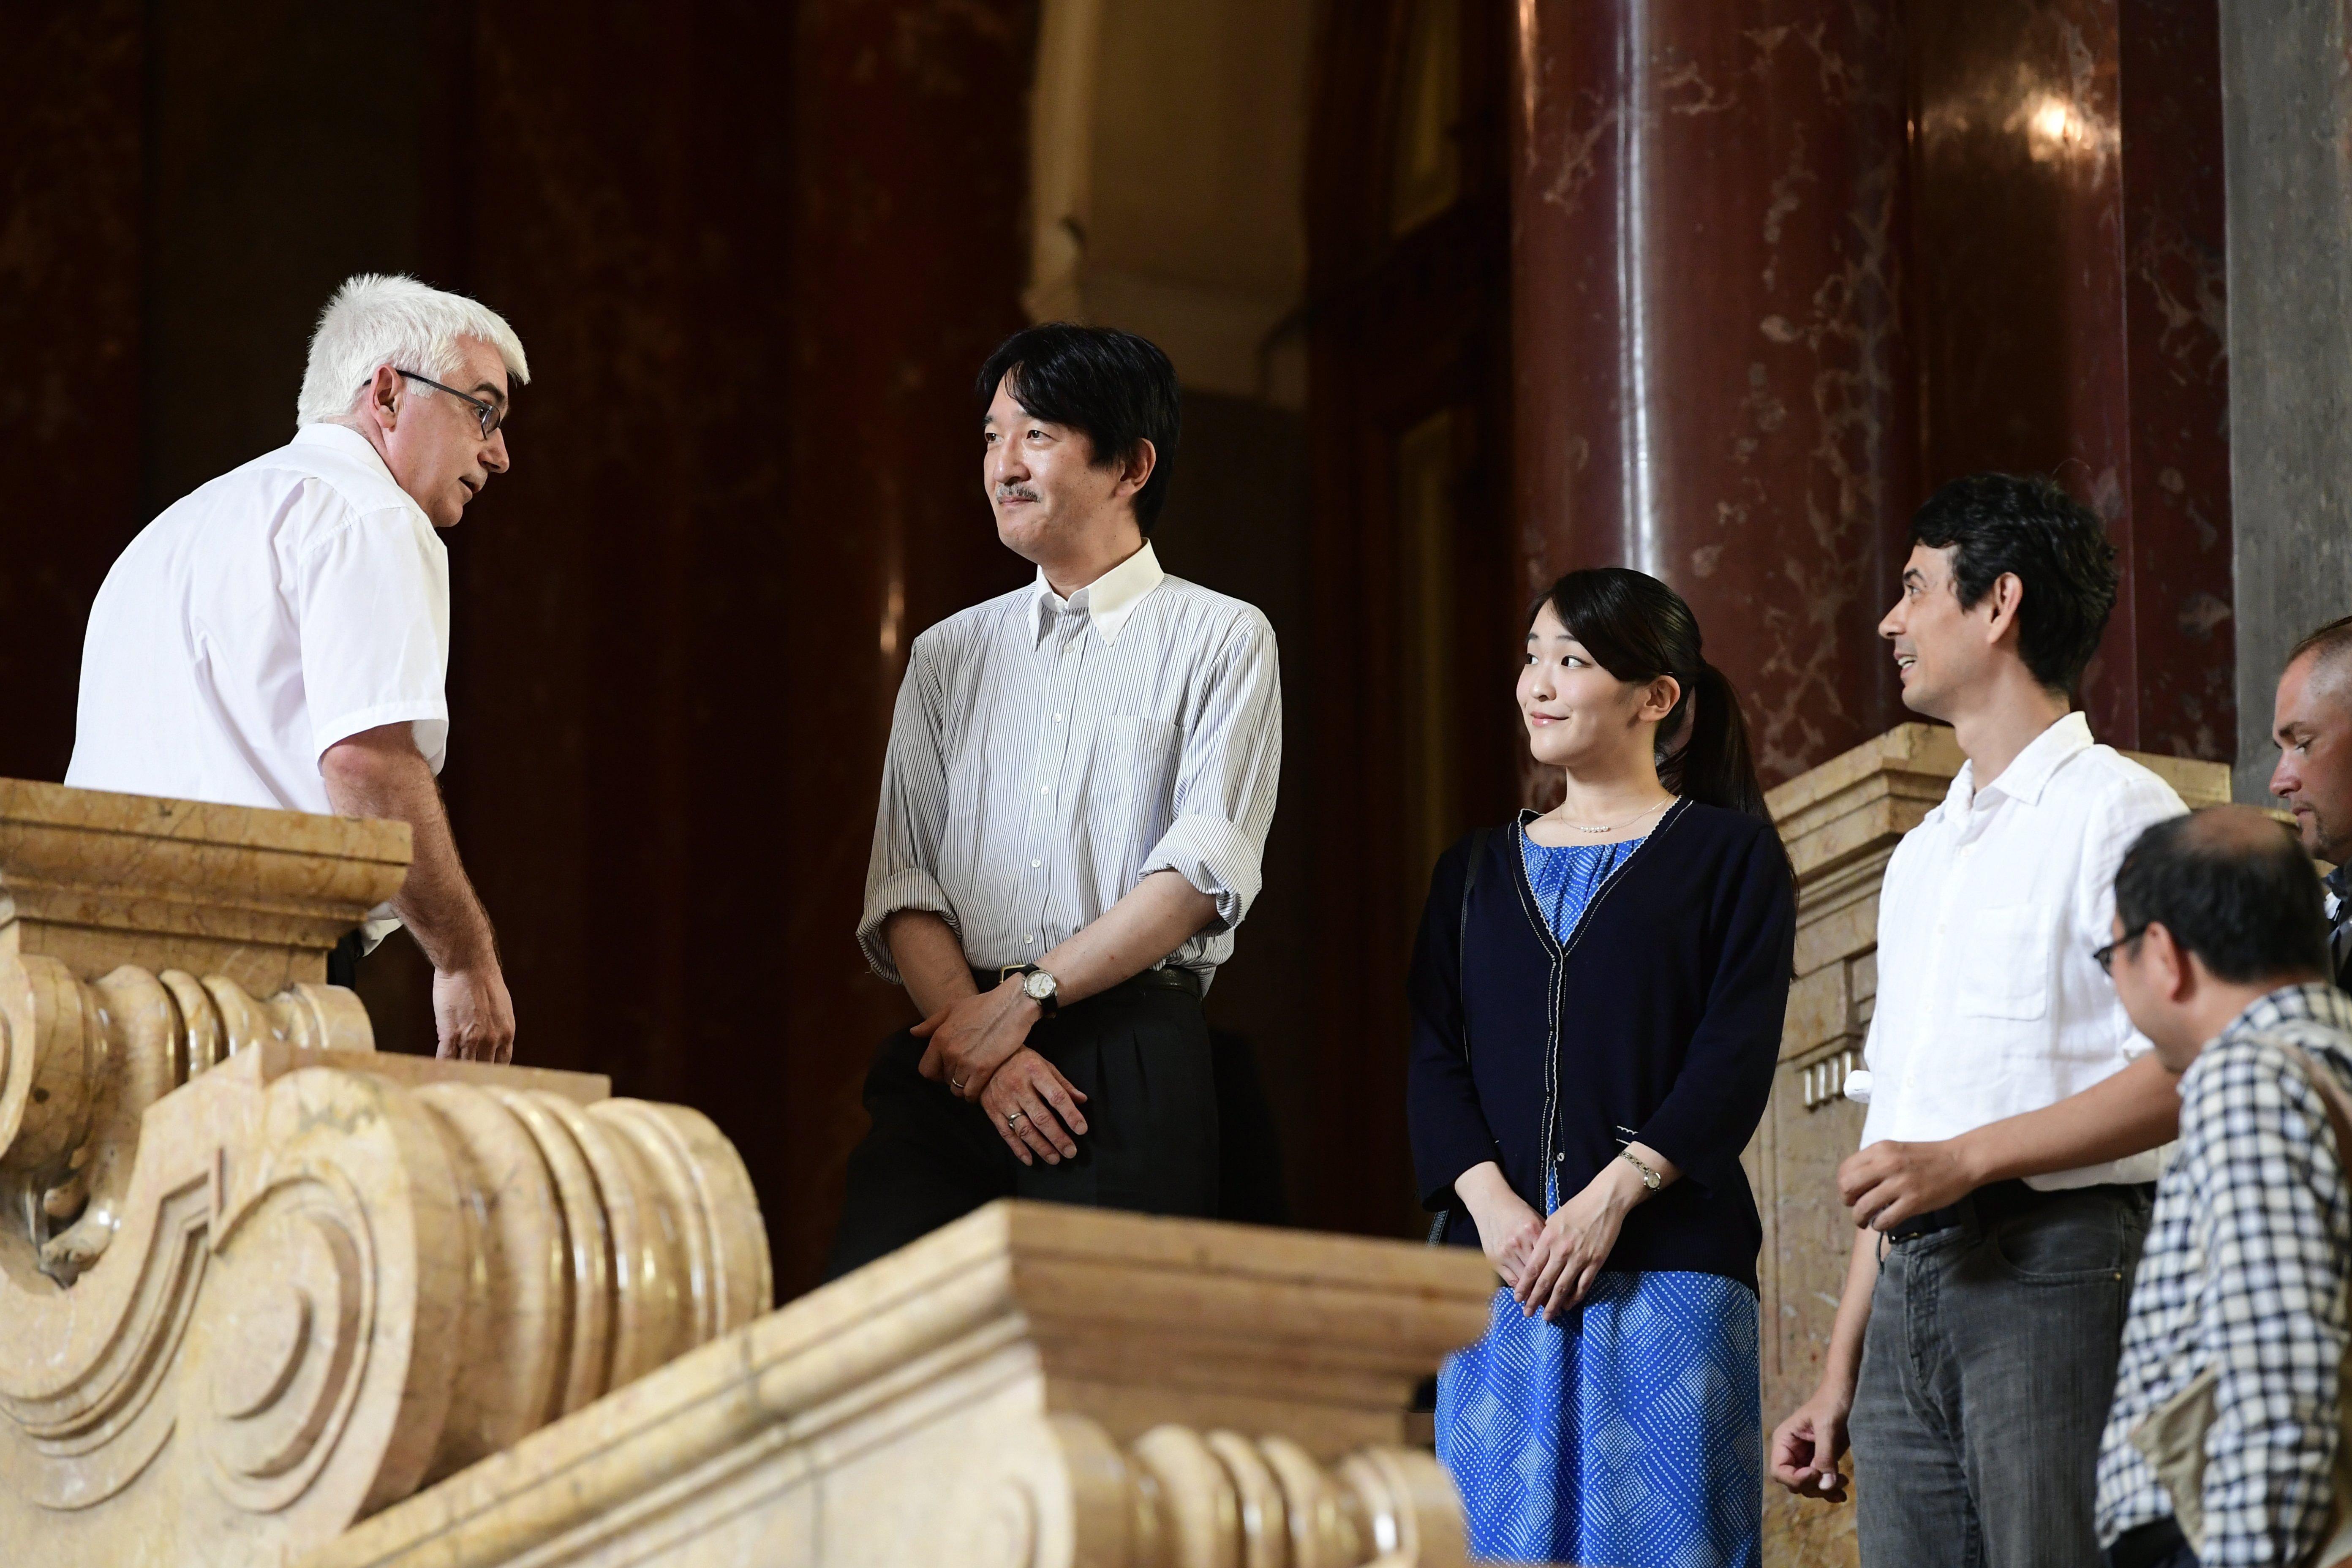 Megérkezett Magyarországra a japán hercegnő, akinek élete egy fordított tündérmese